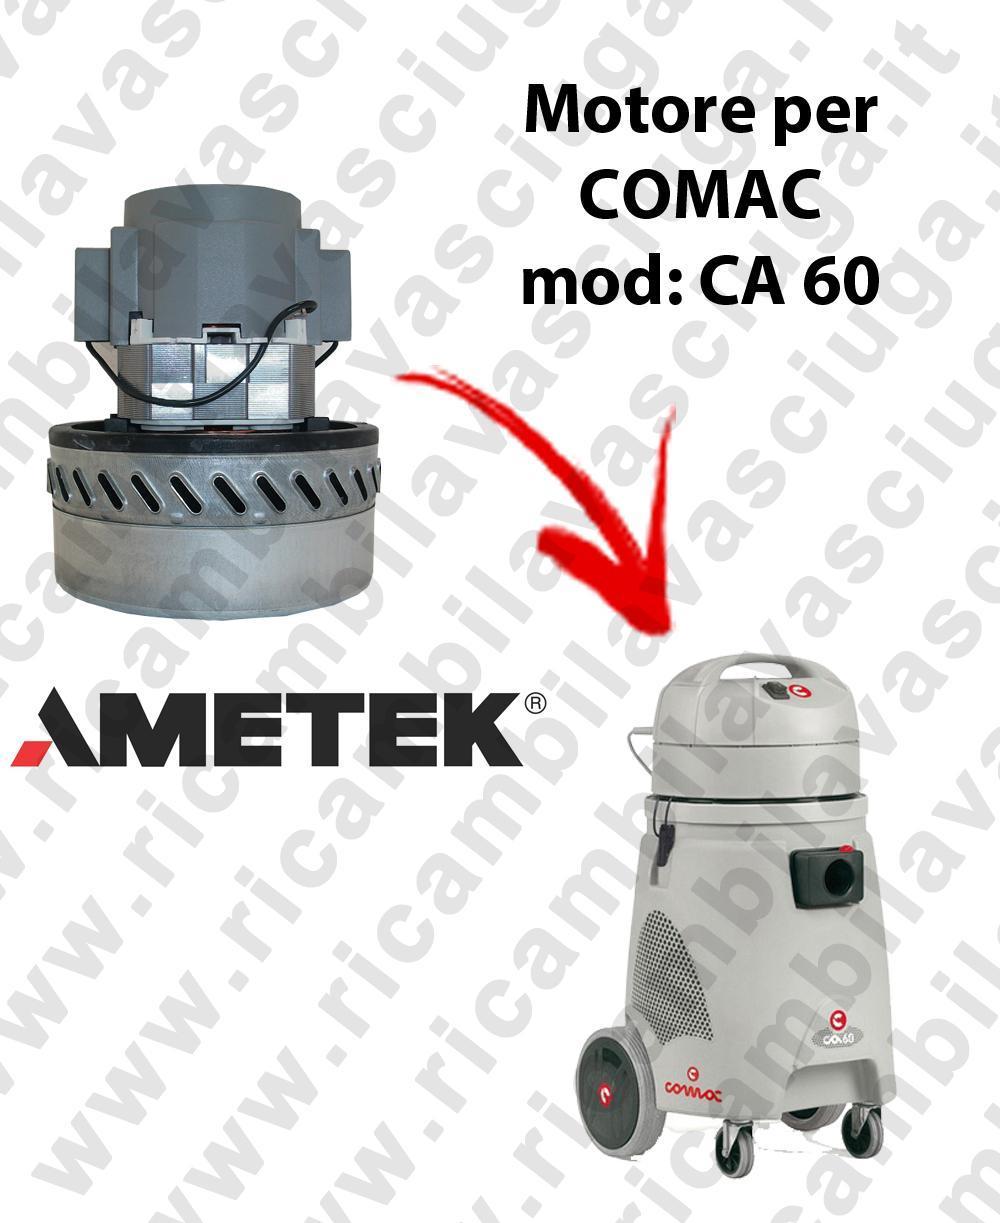 CA 60 Saugmotor AMETEK für Staubsauger und trockensauger COMAC